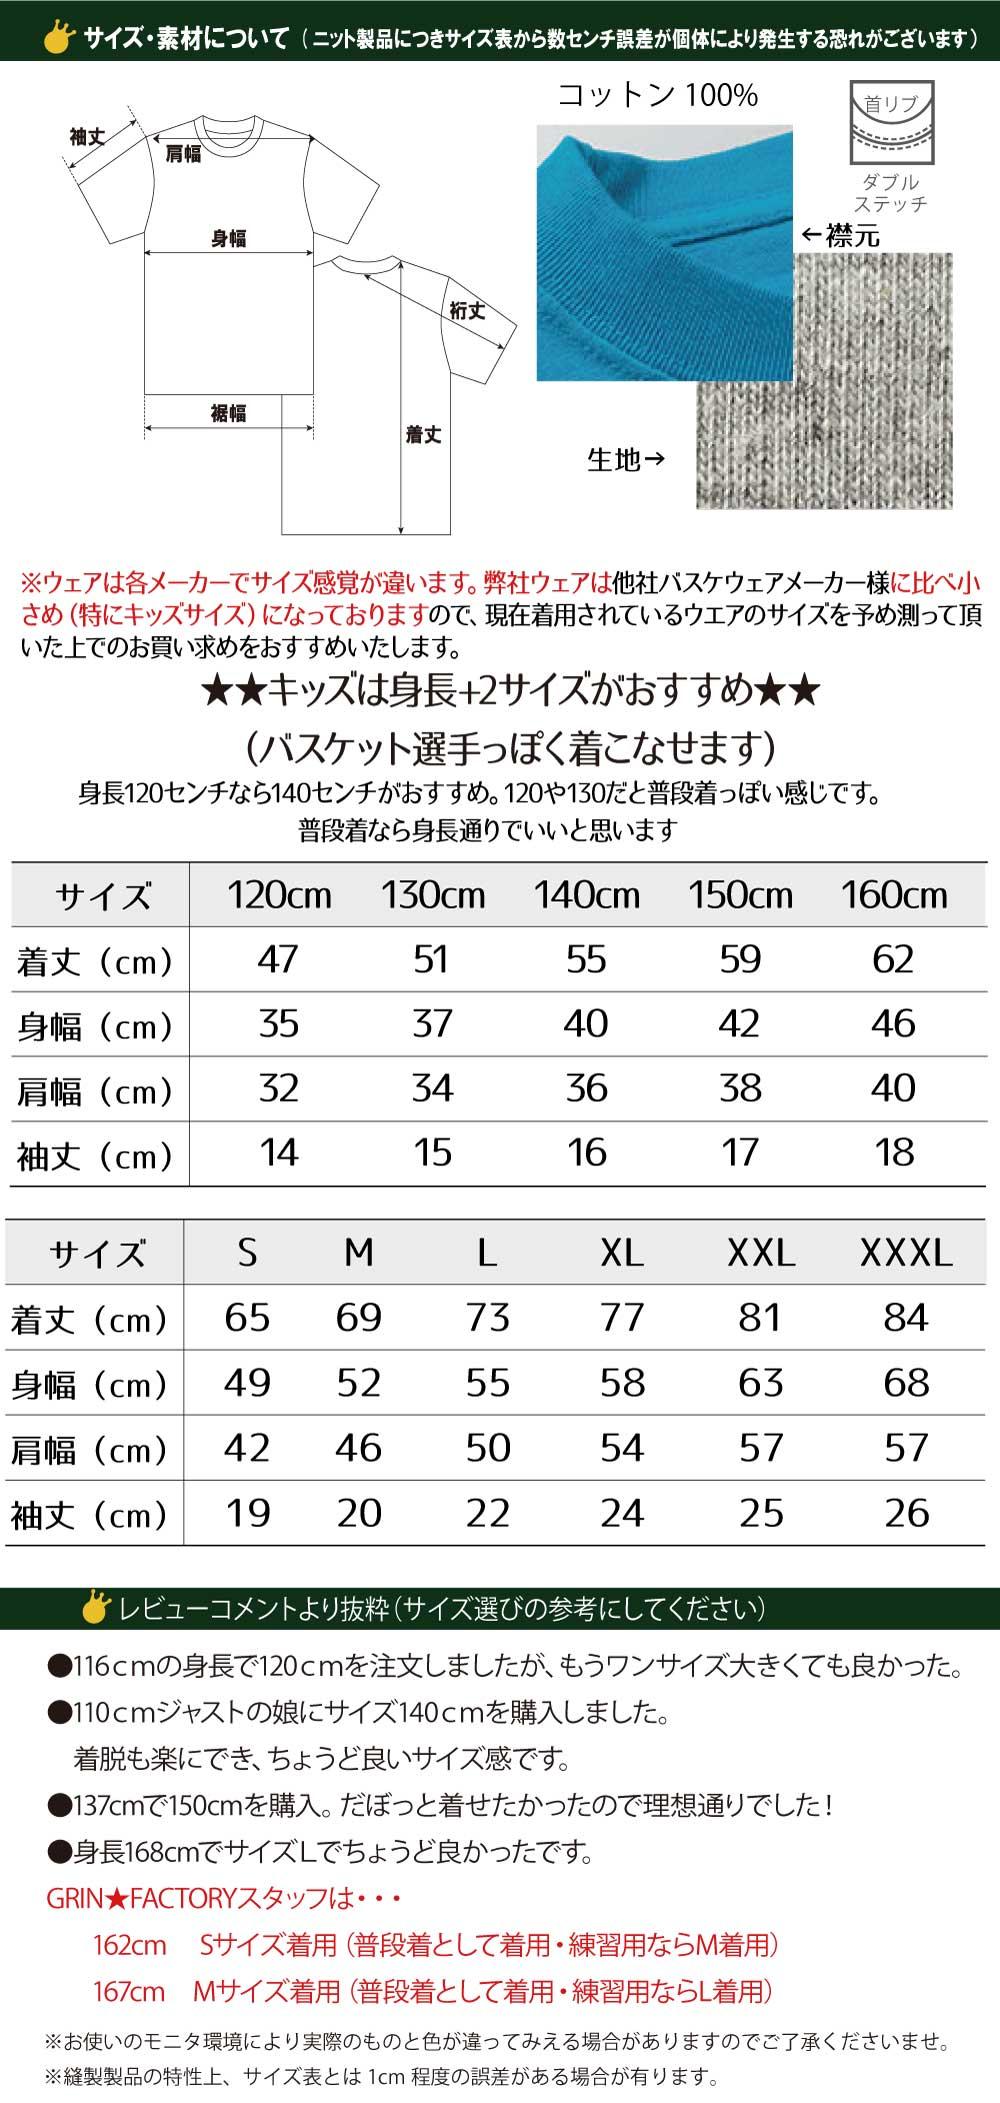 コットンTシャツサイズ表